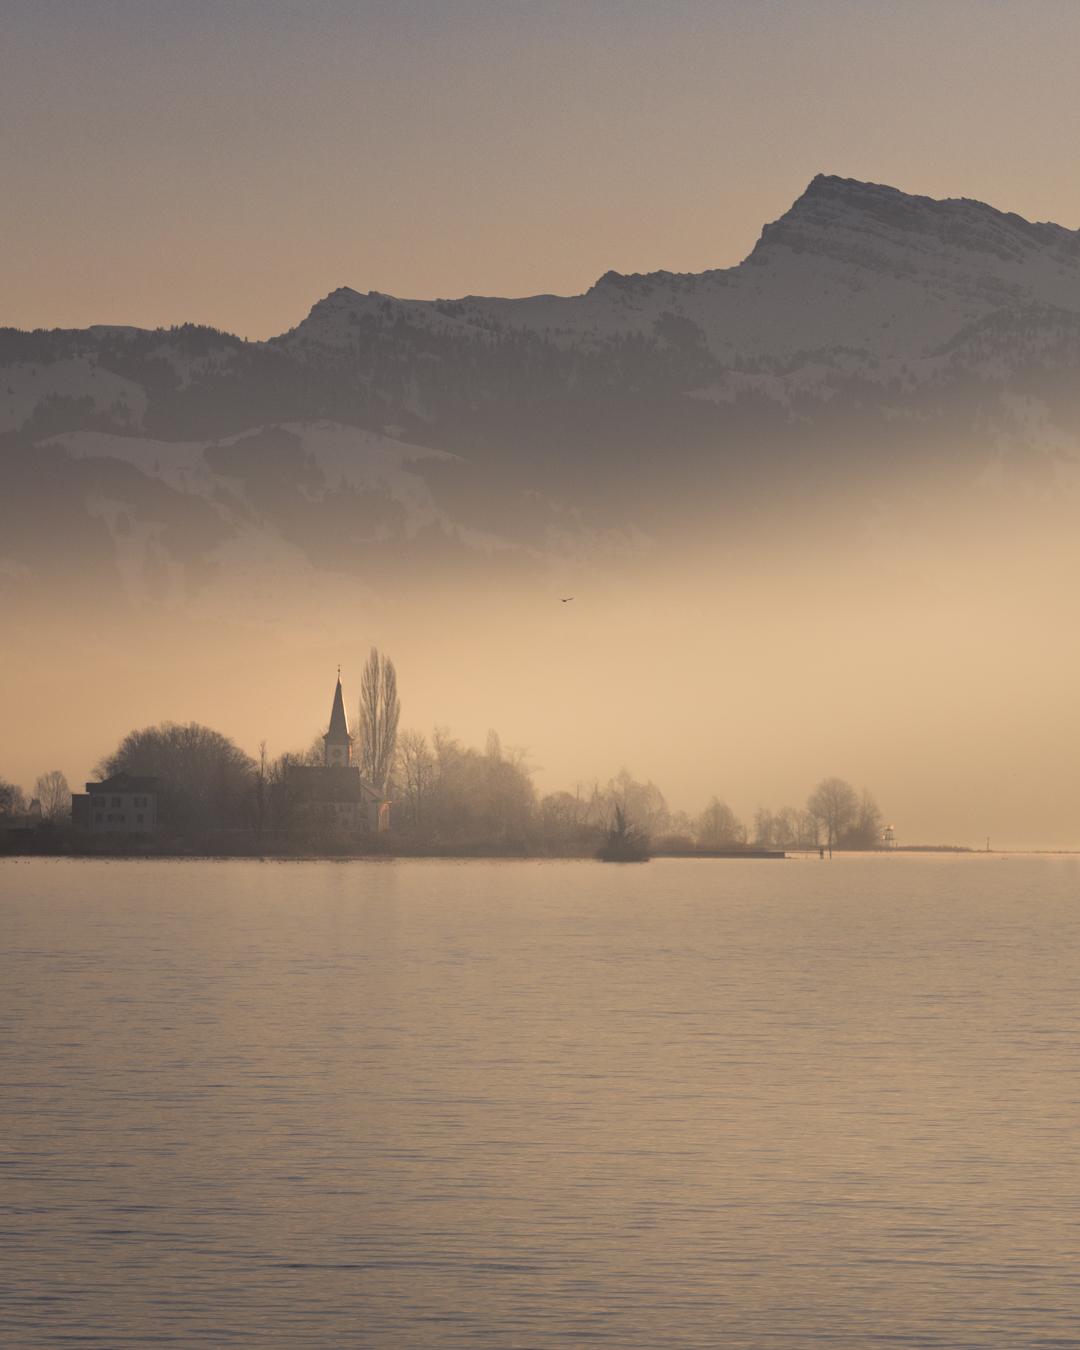 Rapperswil Holzbrücke, Switzerland